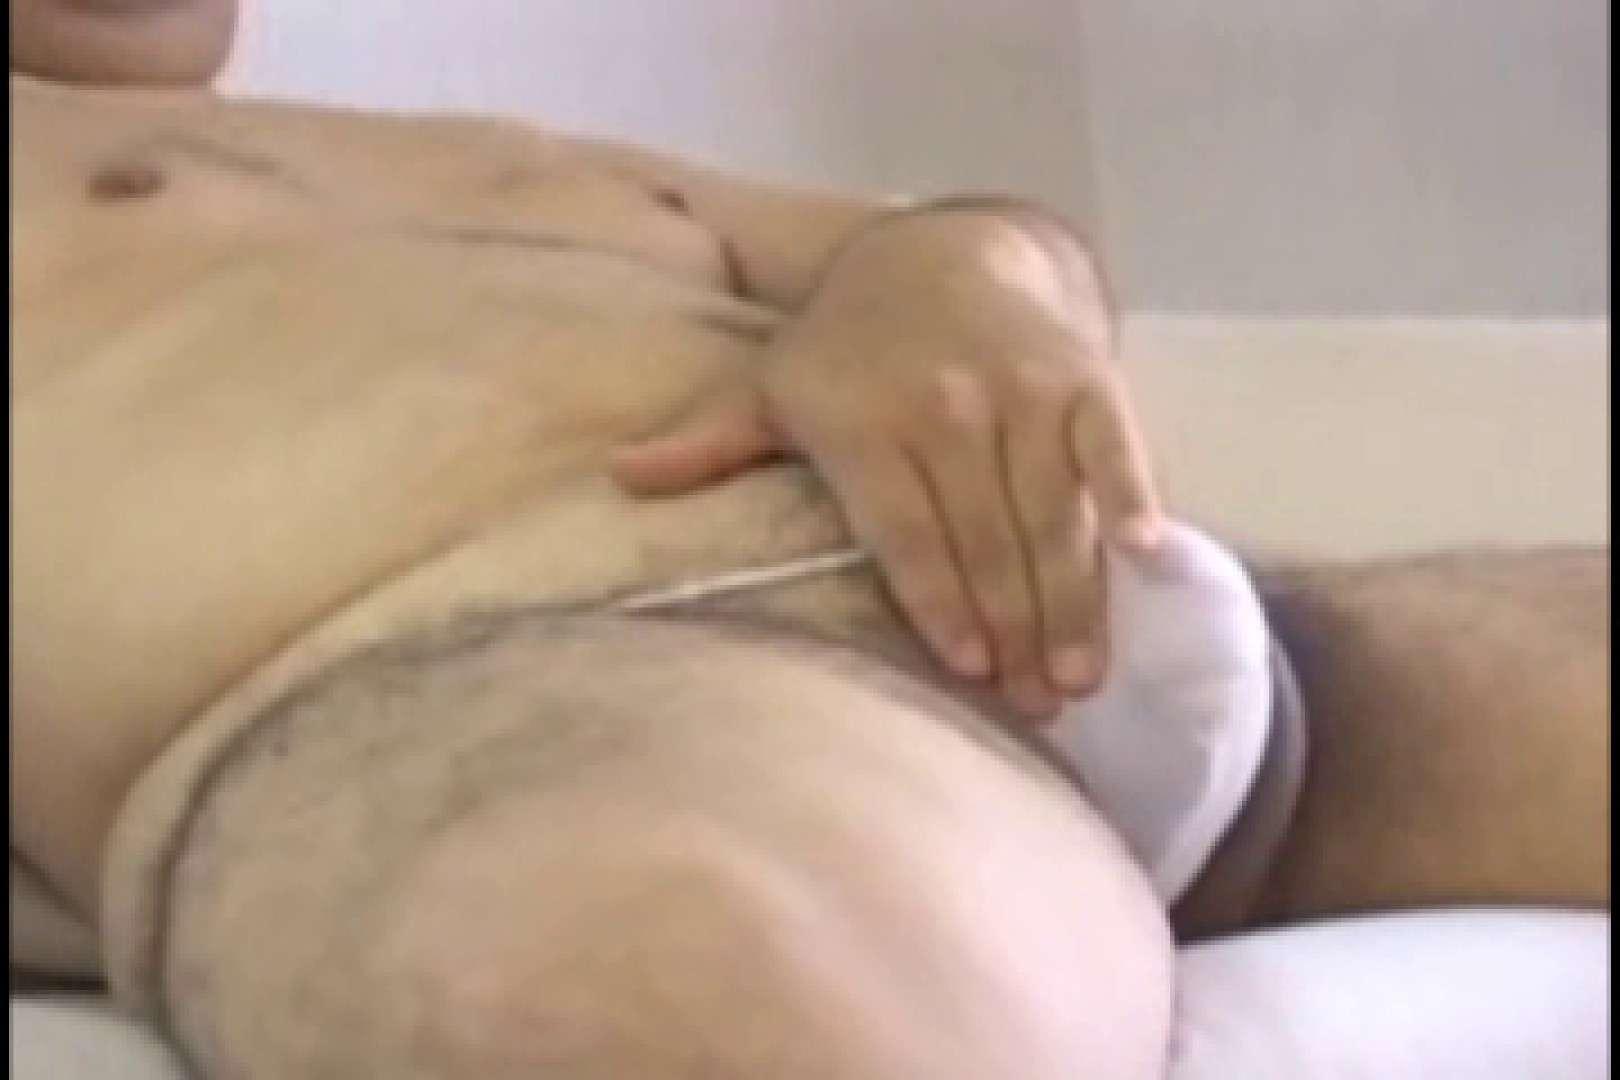 性欲に満ちたデカてぃむぽのホモ旦那 アナル舐めて | 生入最高 ゲイ肛門画像 96枚 50